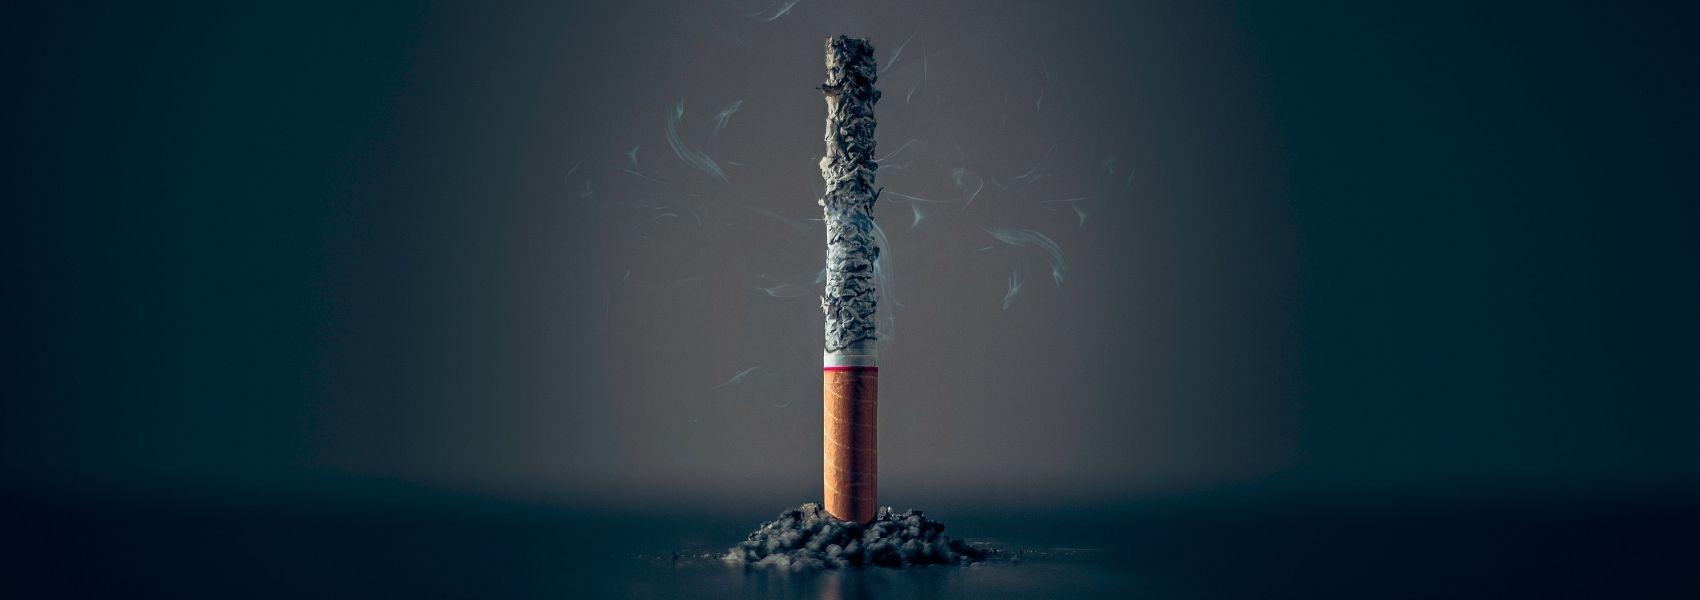 Alerta sobre riscos do tabaco nos cigarros individuais pode reduzir fumo